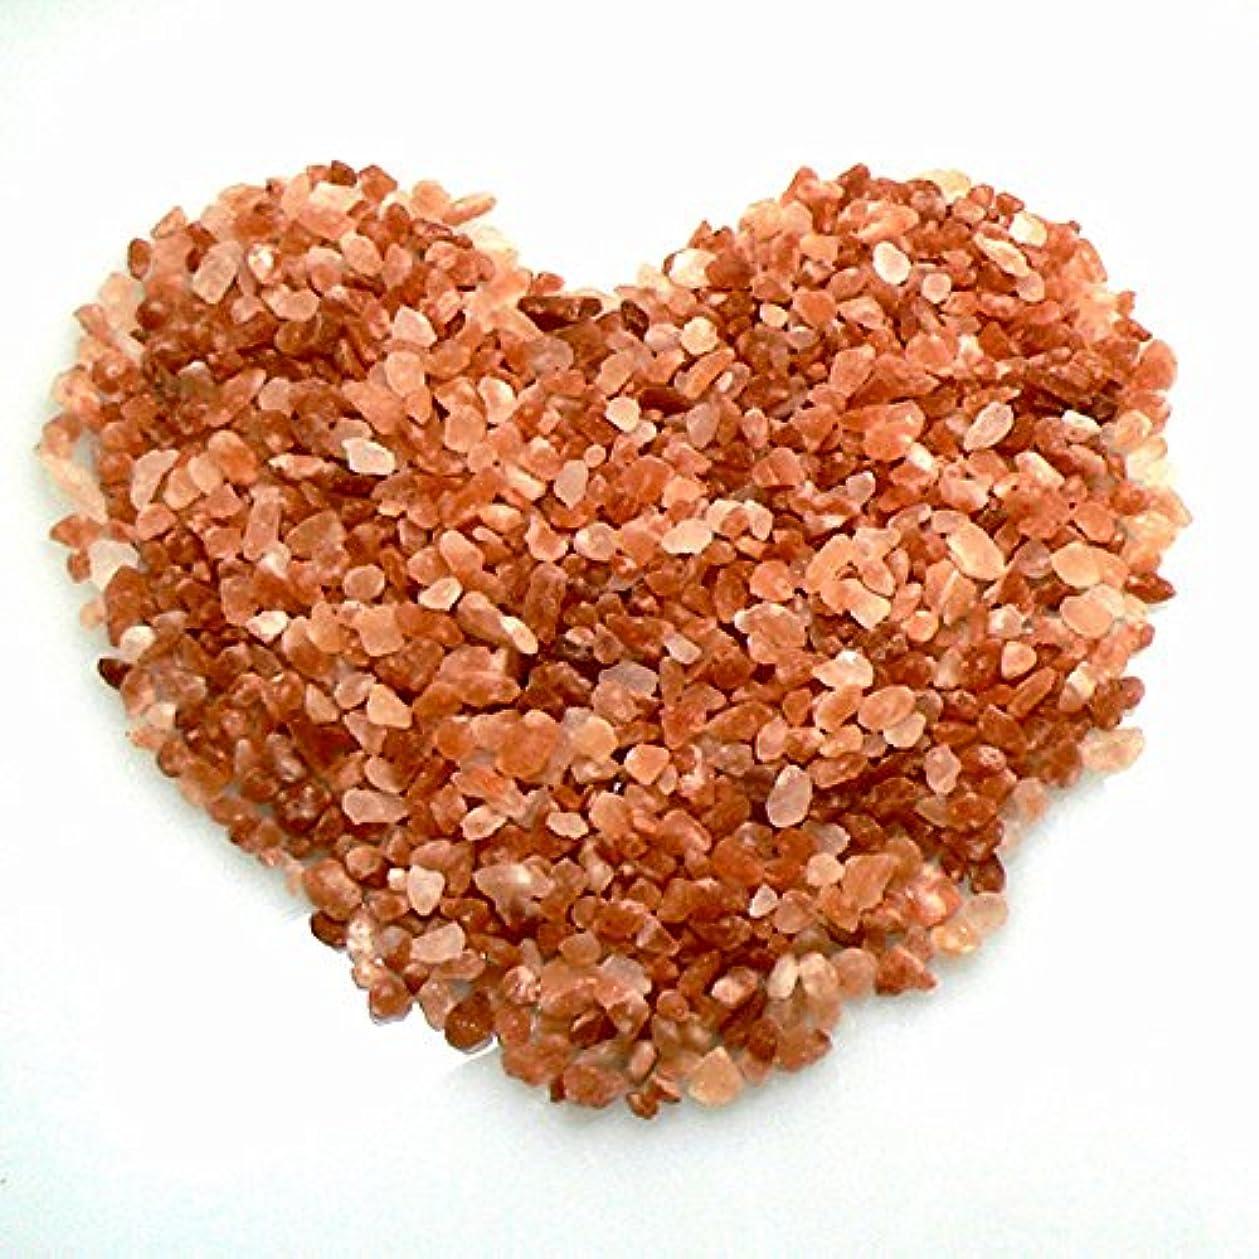 寺院モットー些細な増量中!ヒマラヤ岩塩 ピンクソルト 入浴用 バスソルト(小粒) ピンク岩塩 (5kg+1kg増量)